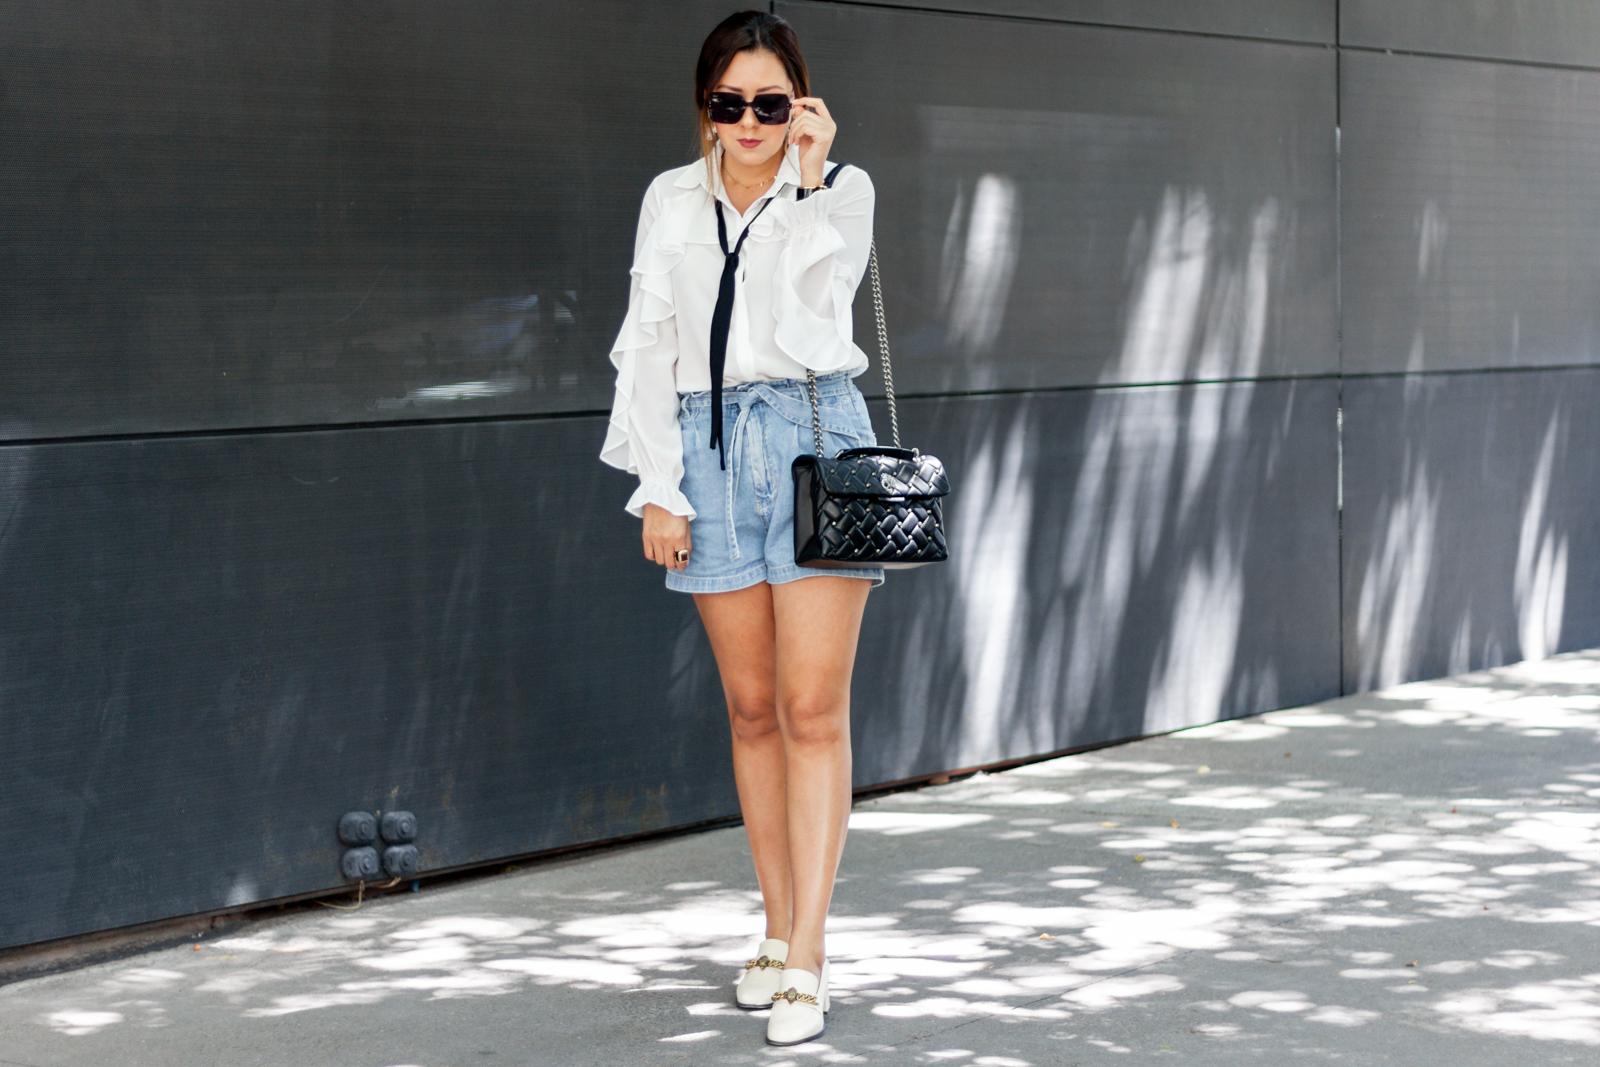 Un look con prendas básicas